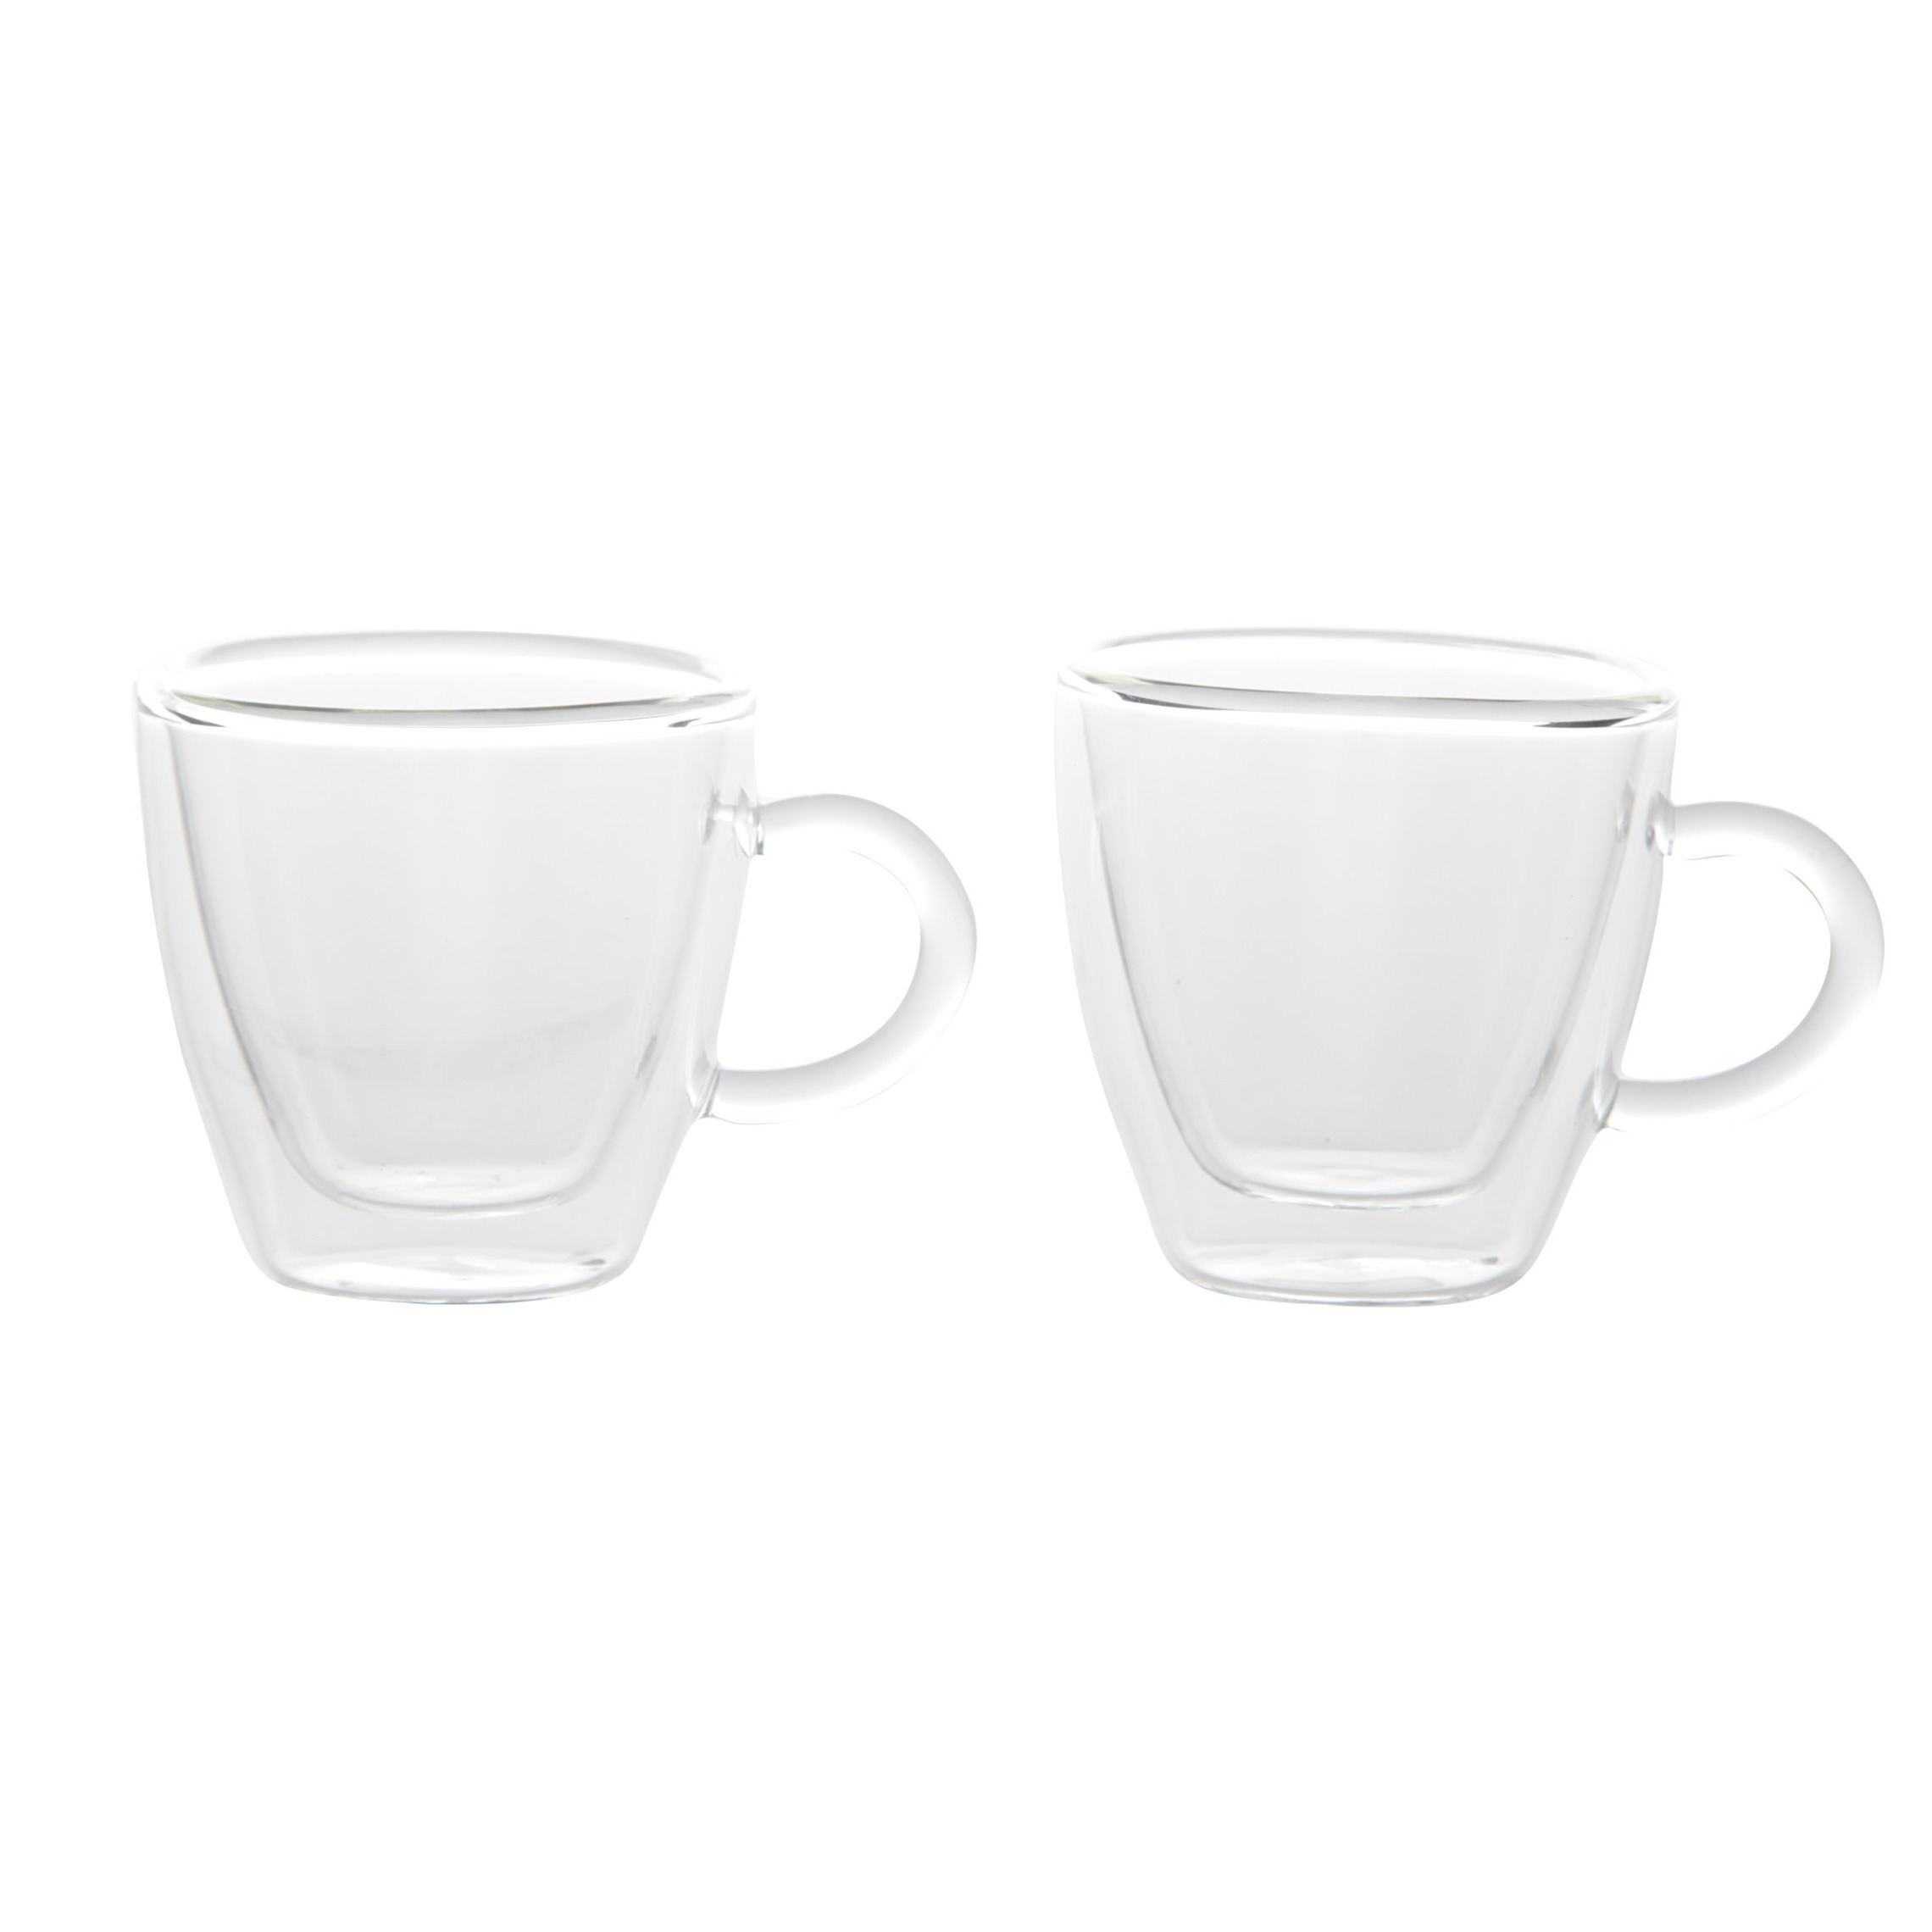 Set van 2x Koffie/espresso glazen dubbelwandig 60 ml - transparant -